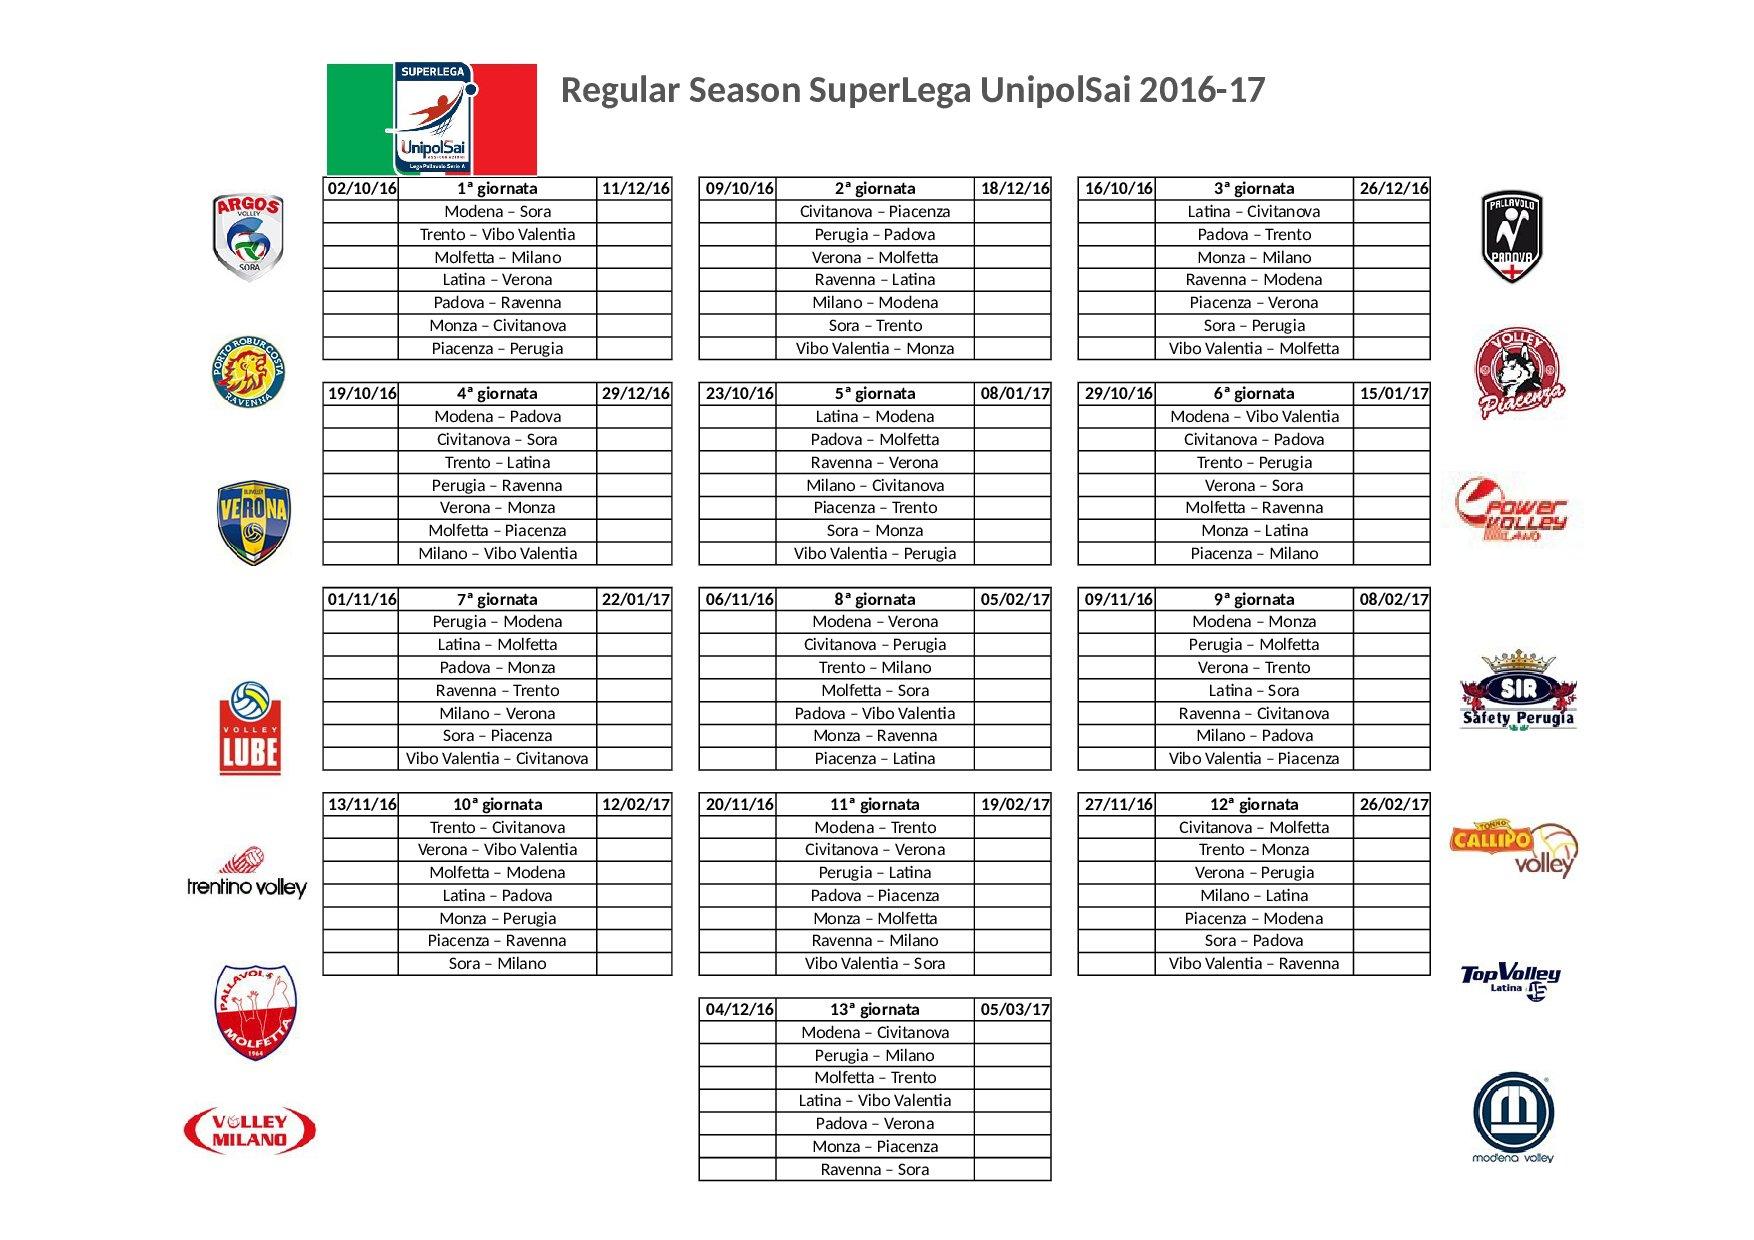 Pallavolo Serie A Maschile Calendario.Pallavolo Calendario Serie A Maschile 2016 17